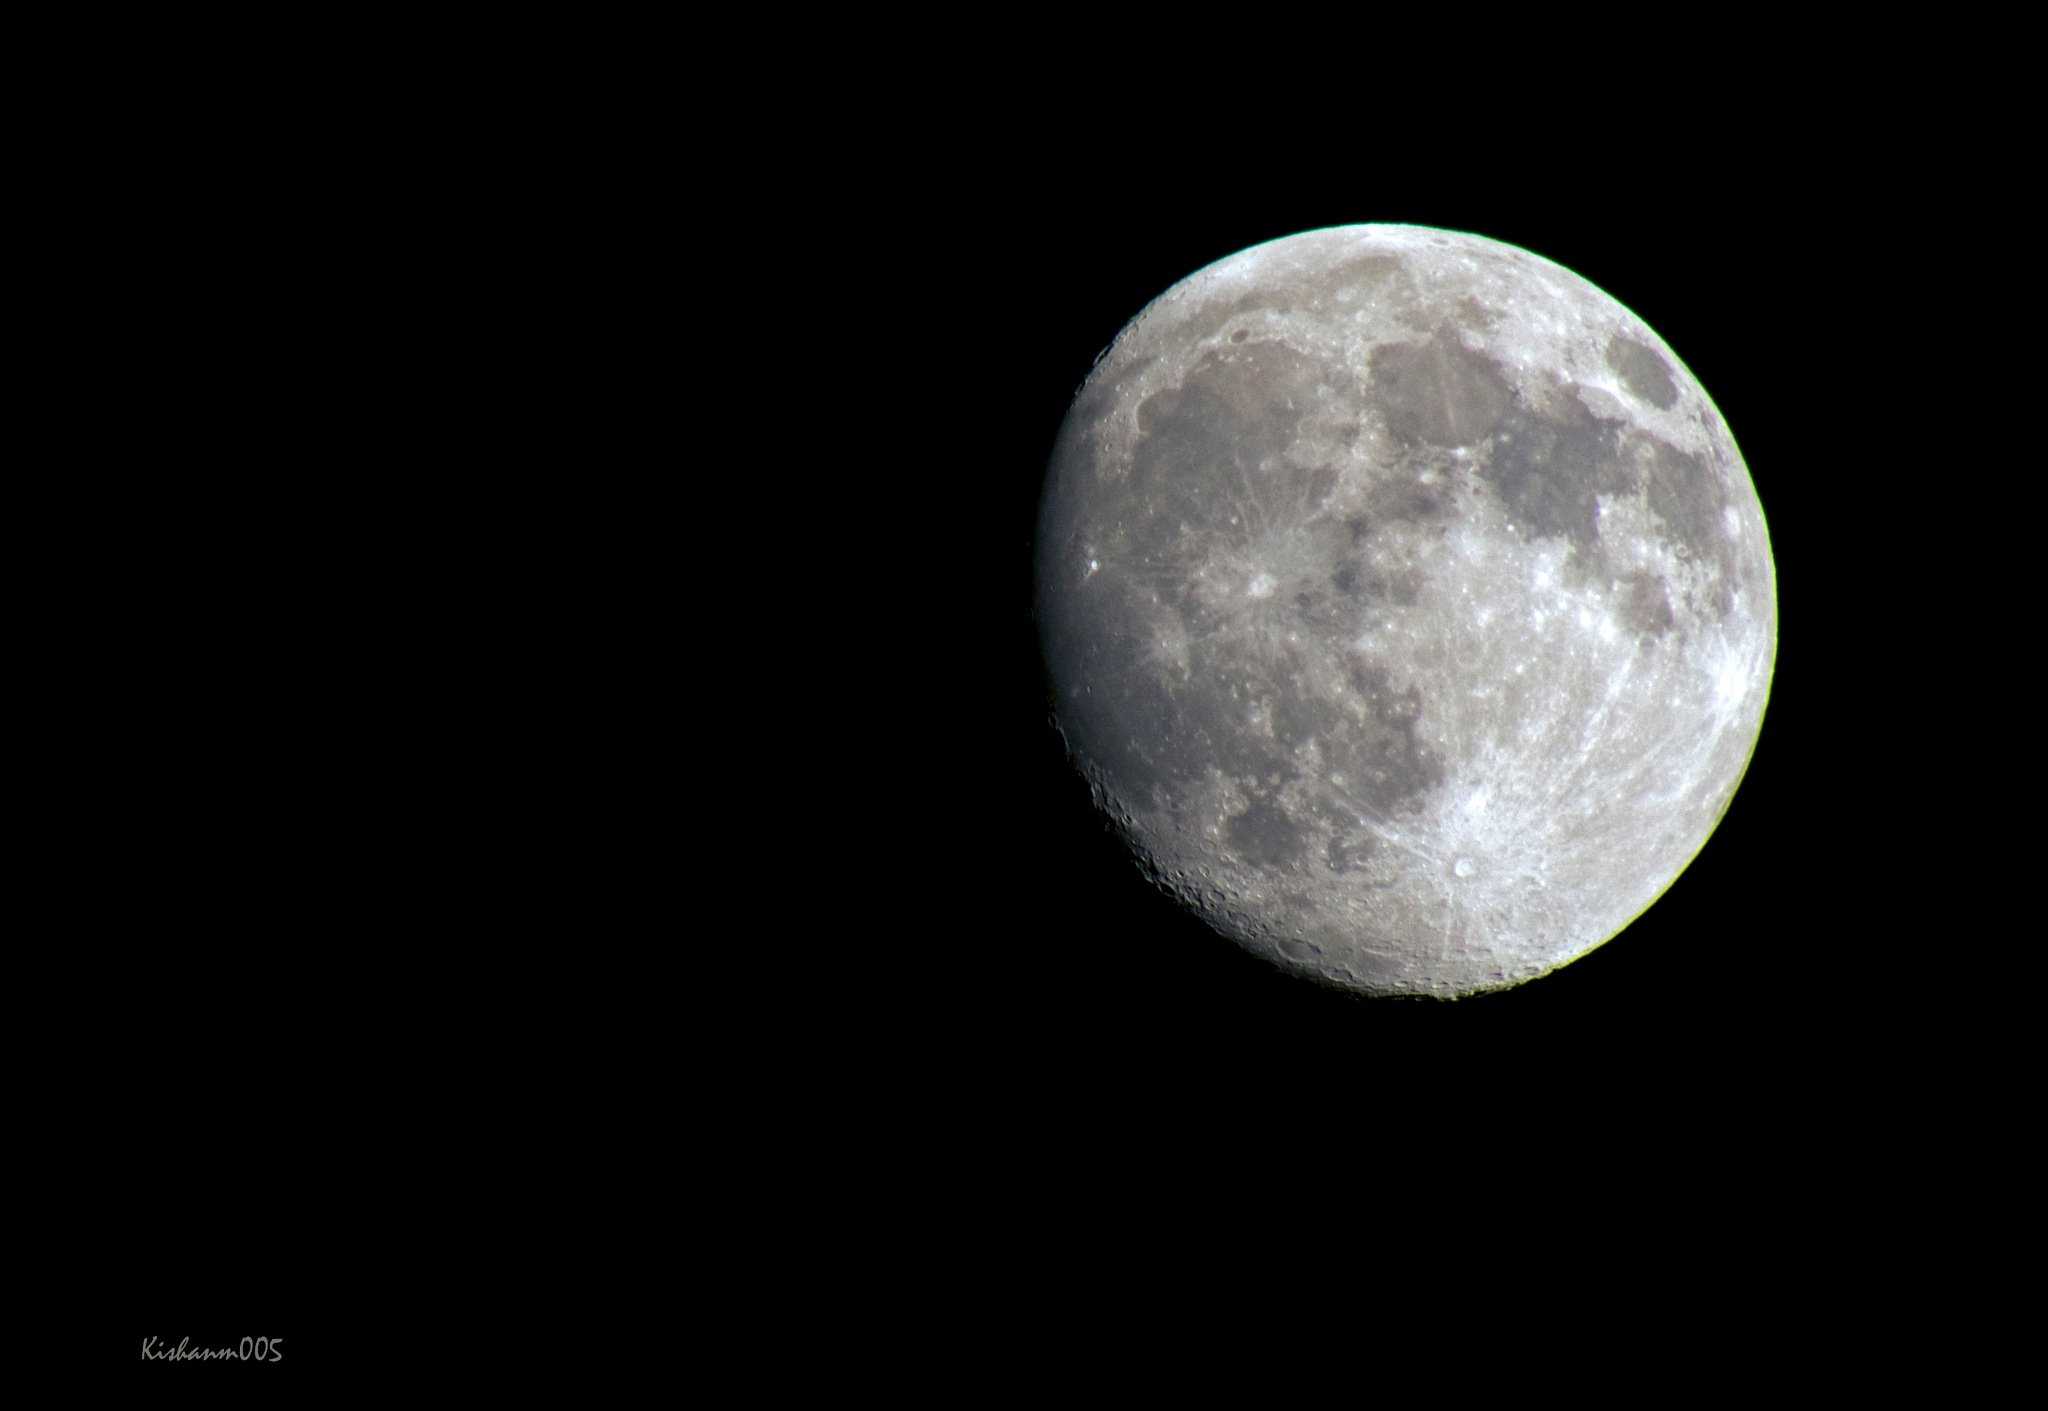 Moon by Kishan Meena